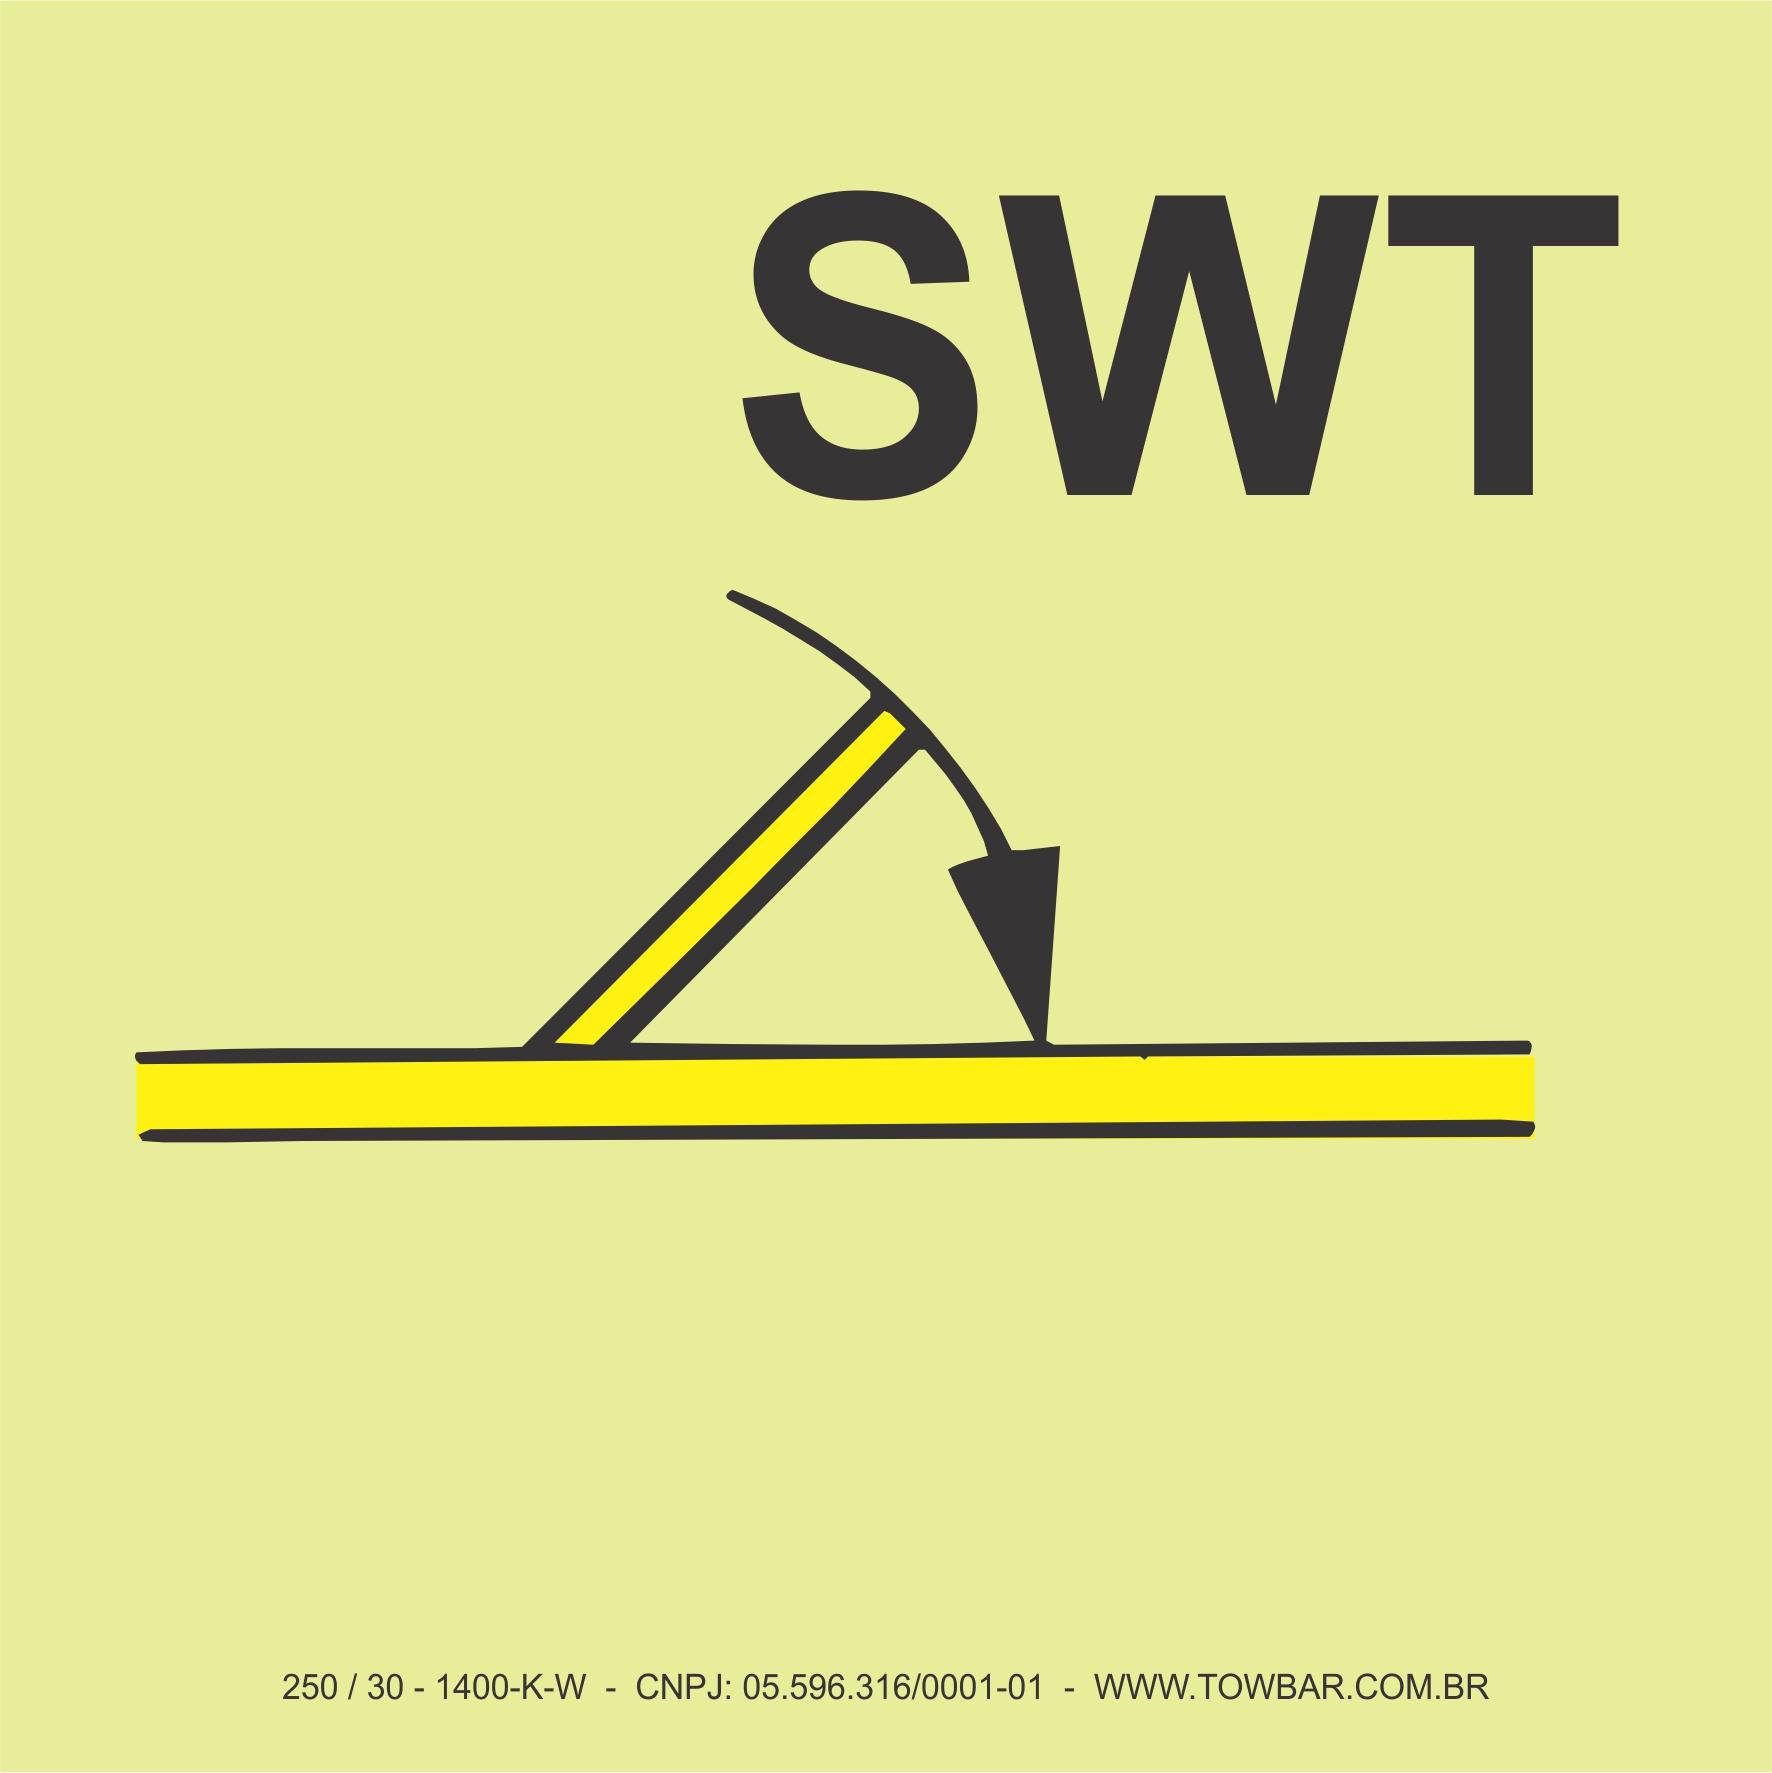 B Class Fire Door Self Closing (SWT)  - Towbar Sinalização de Segurança